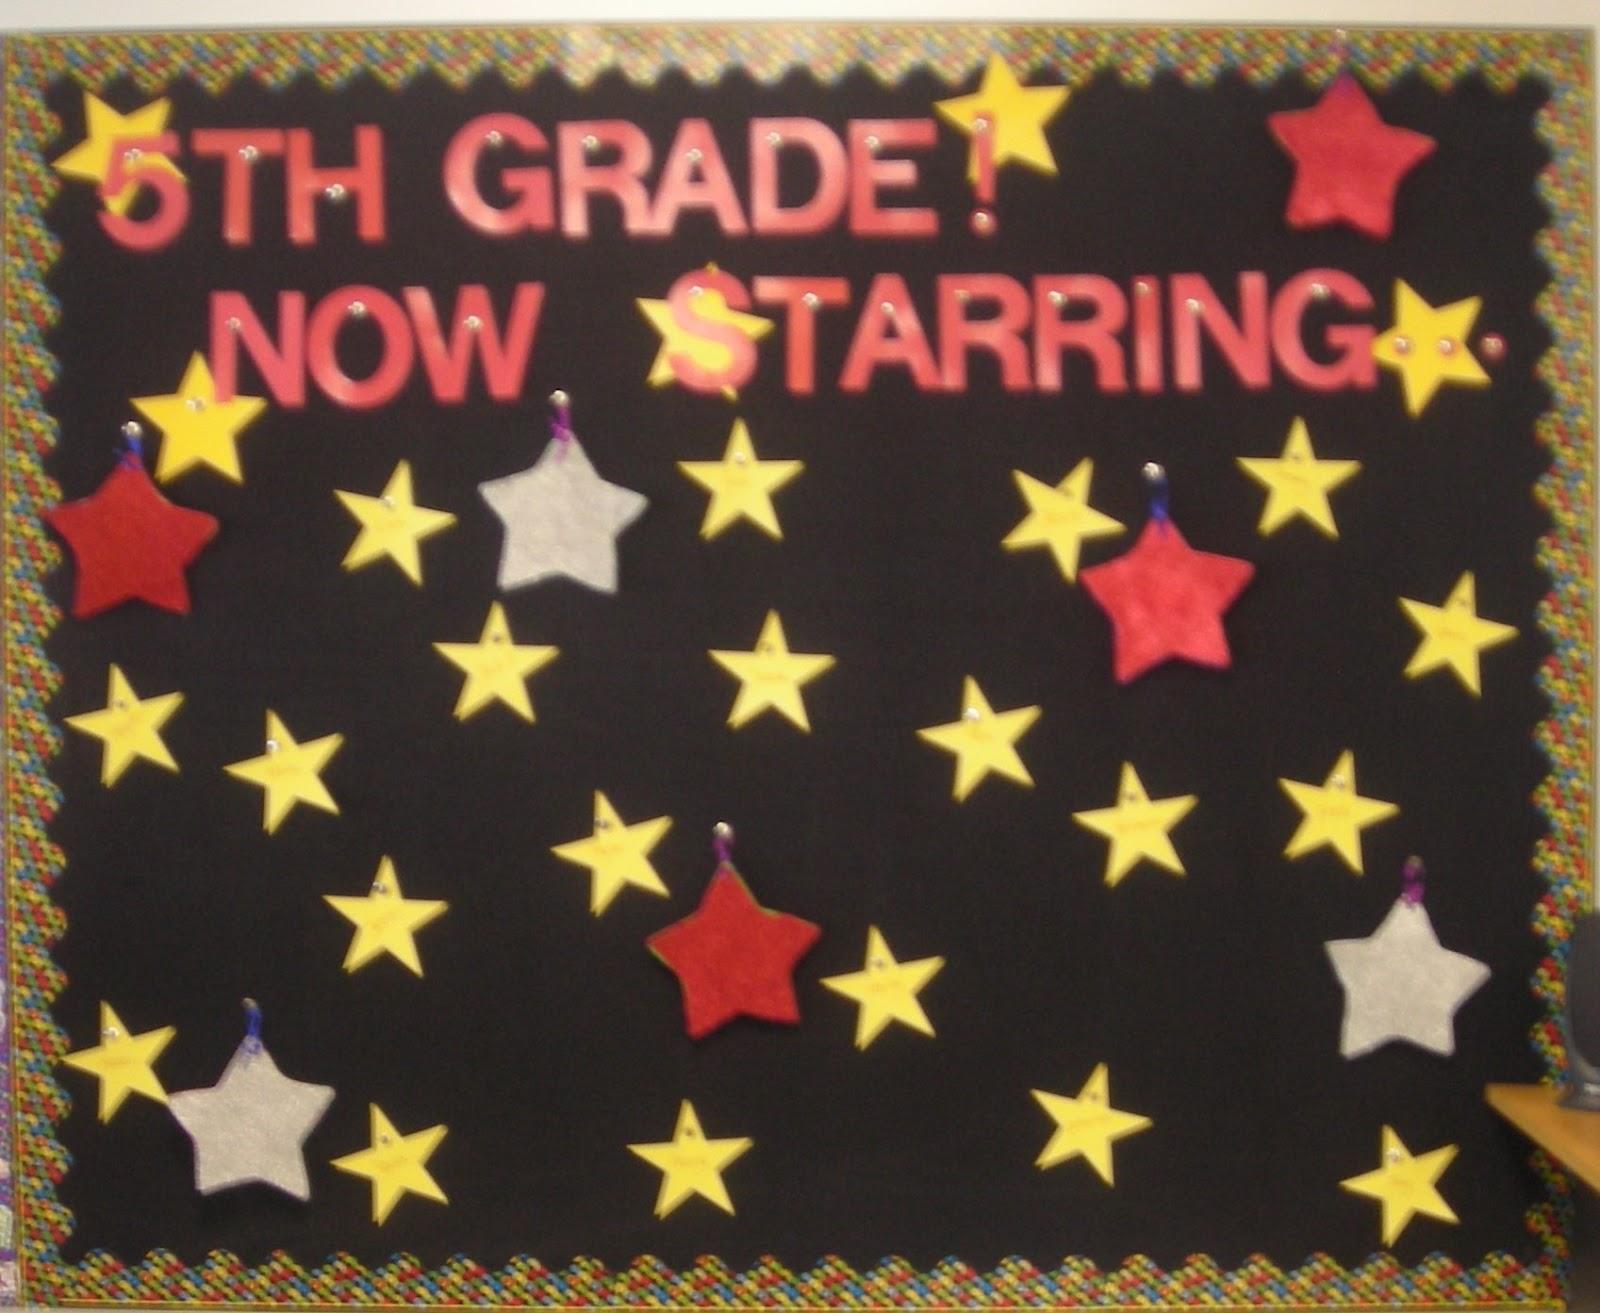 An O C D Teacher 5th Grade Now Starring